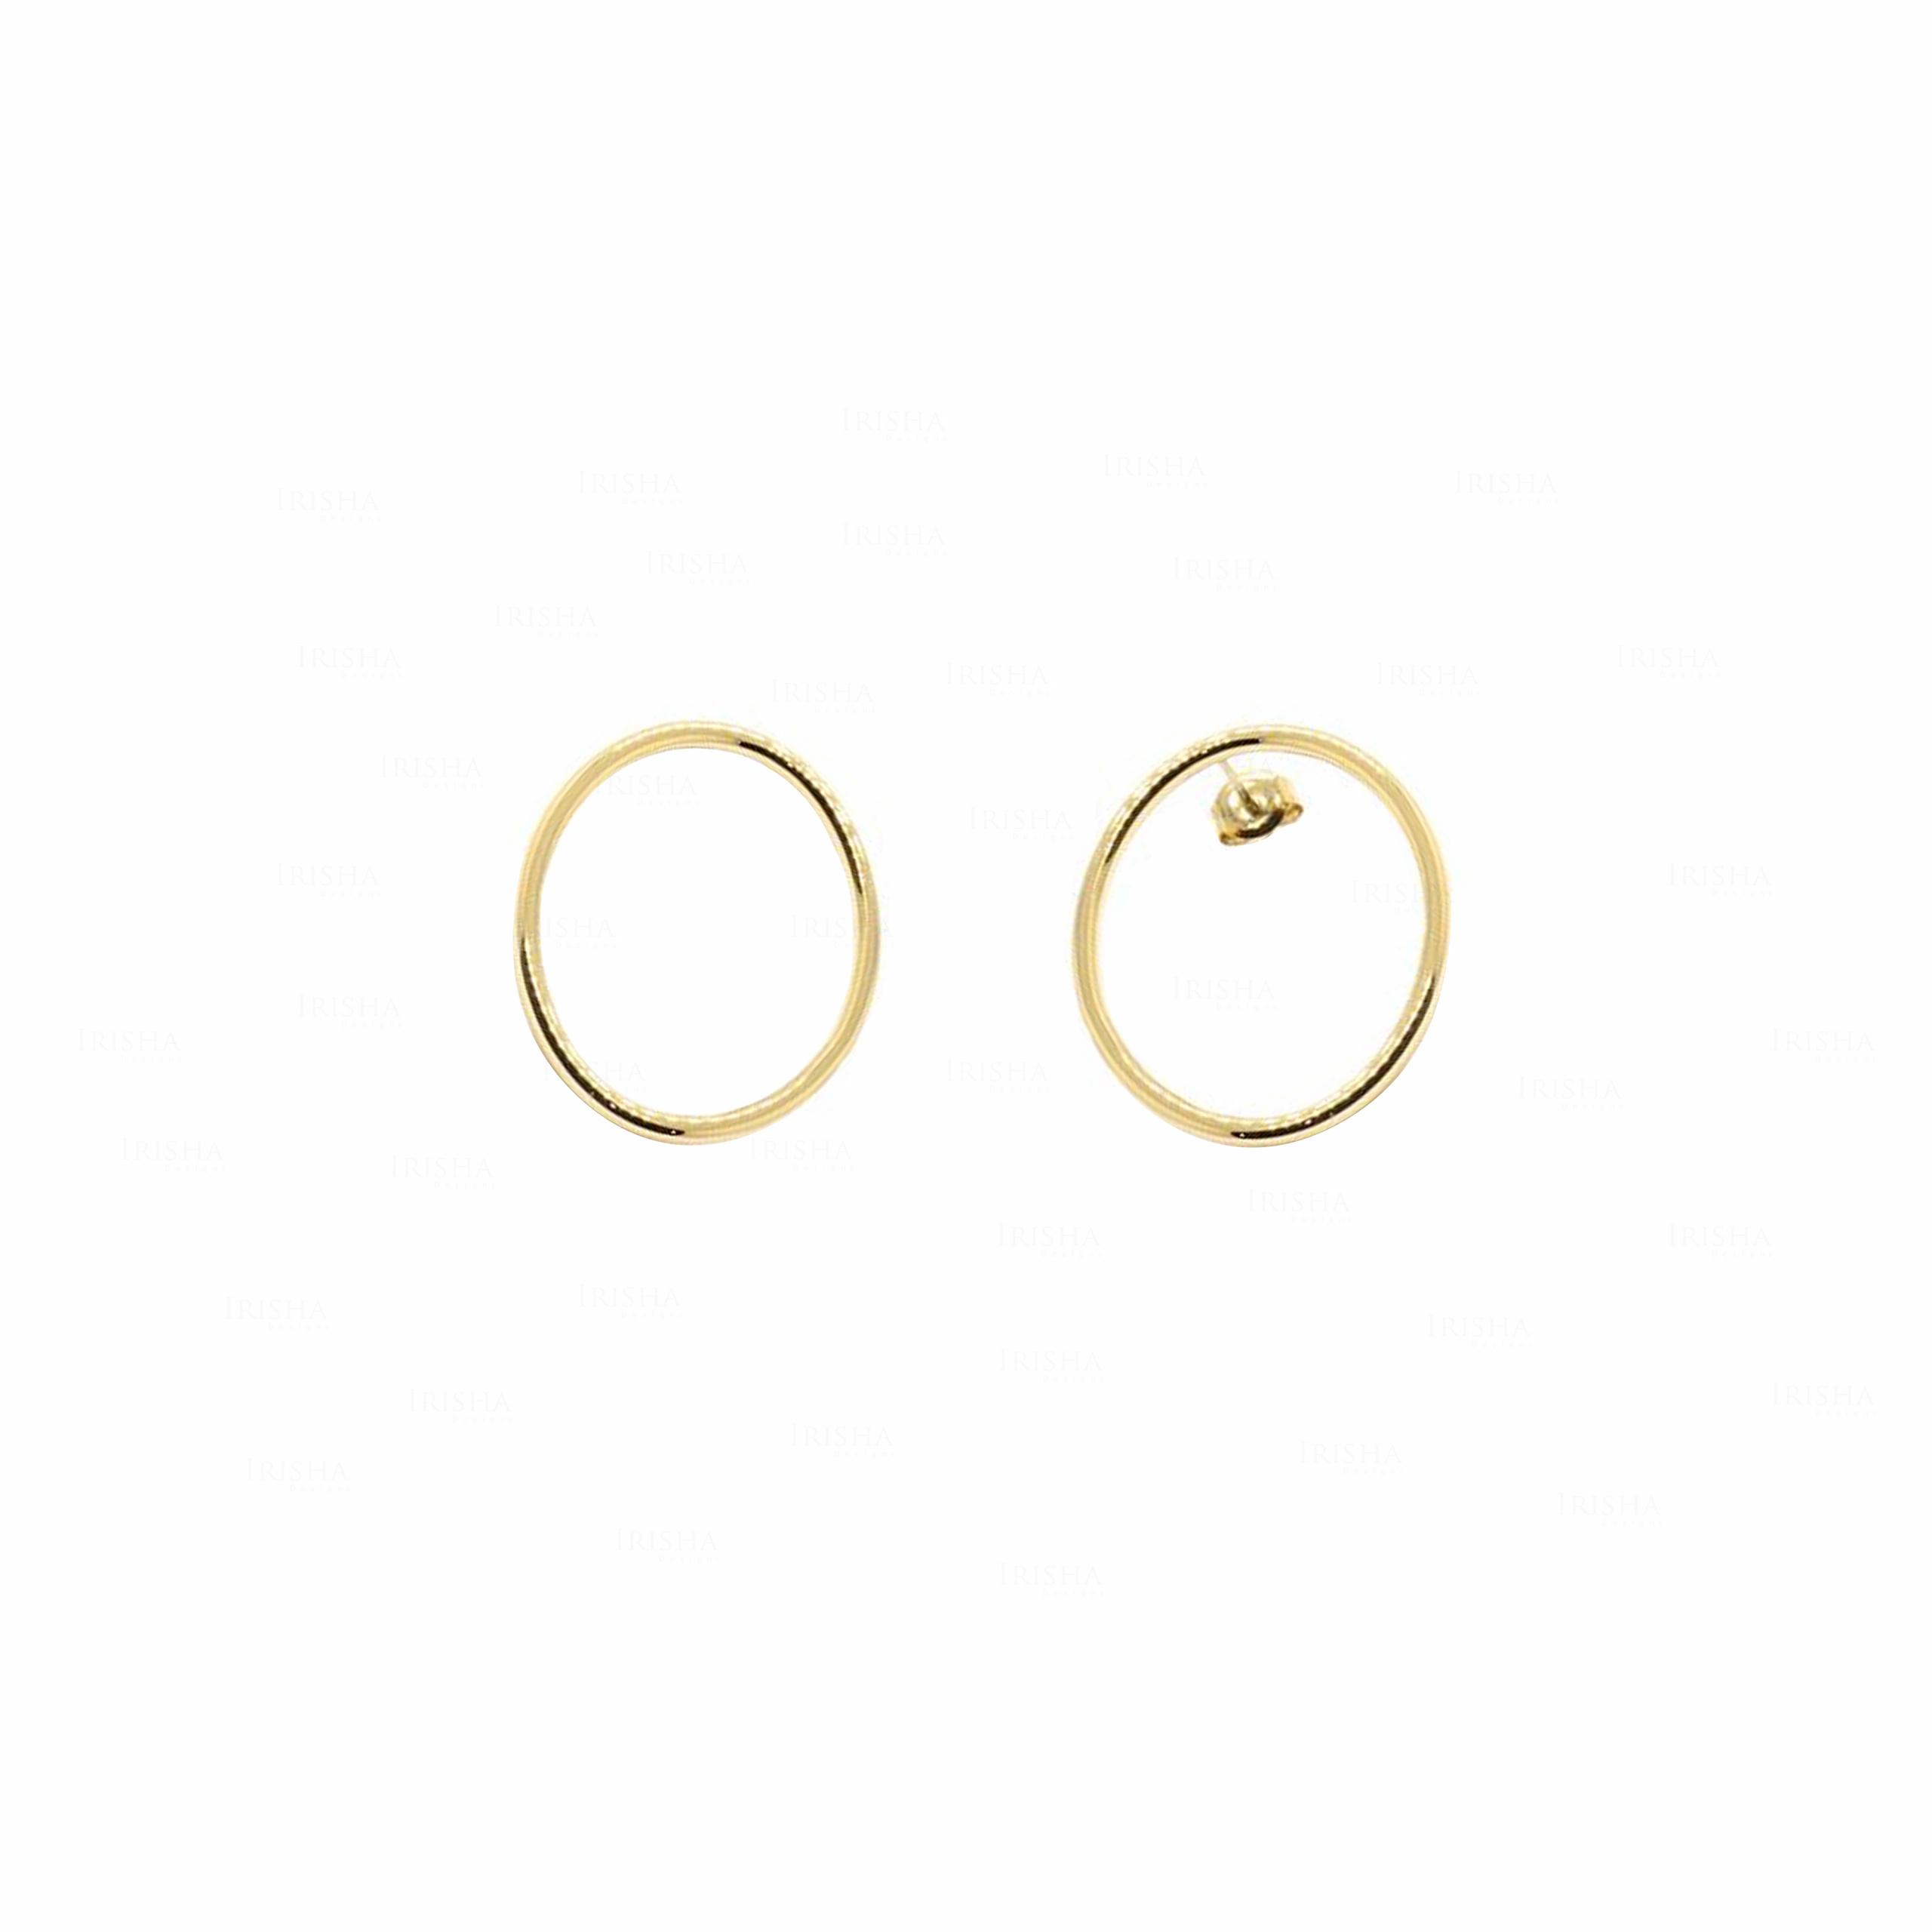 Eclipse Hoop | 14k Gold Earrings